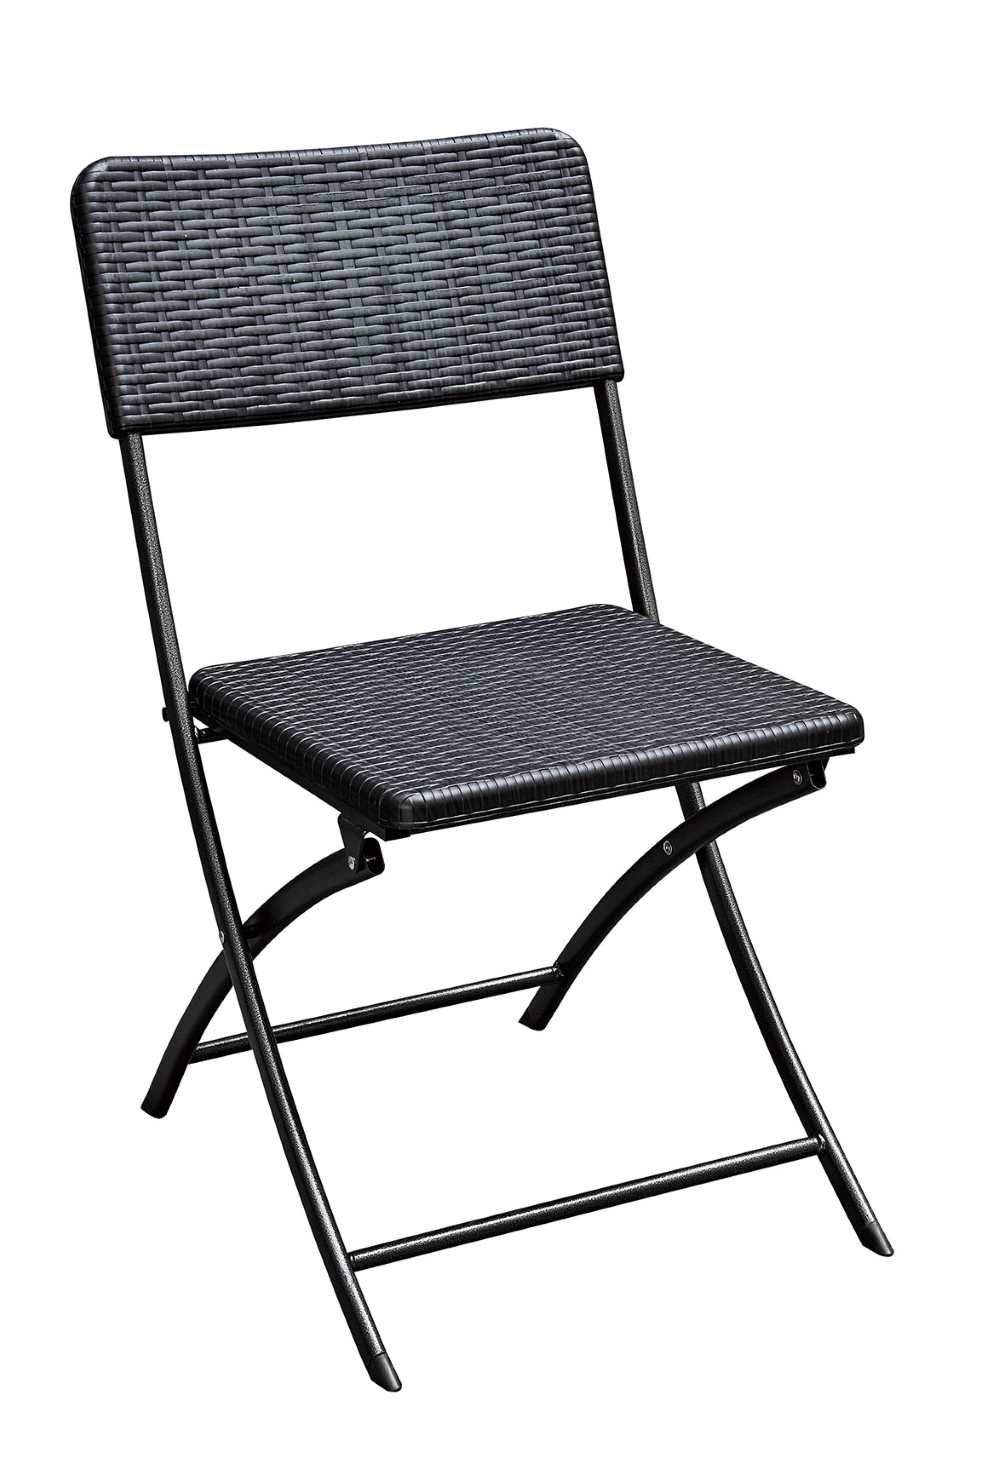 Garten Klappstuhl Metall Das Beste Von Klappstuhl 2er Set Stühle Schwarz Rattan Optik